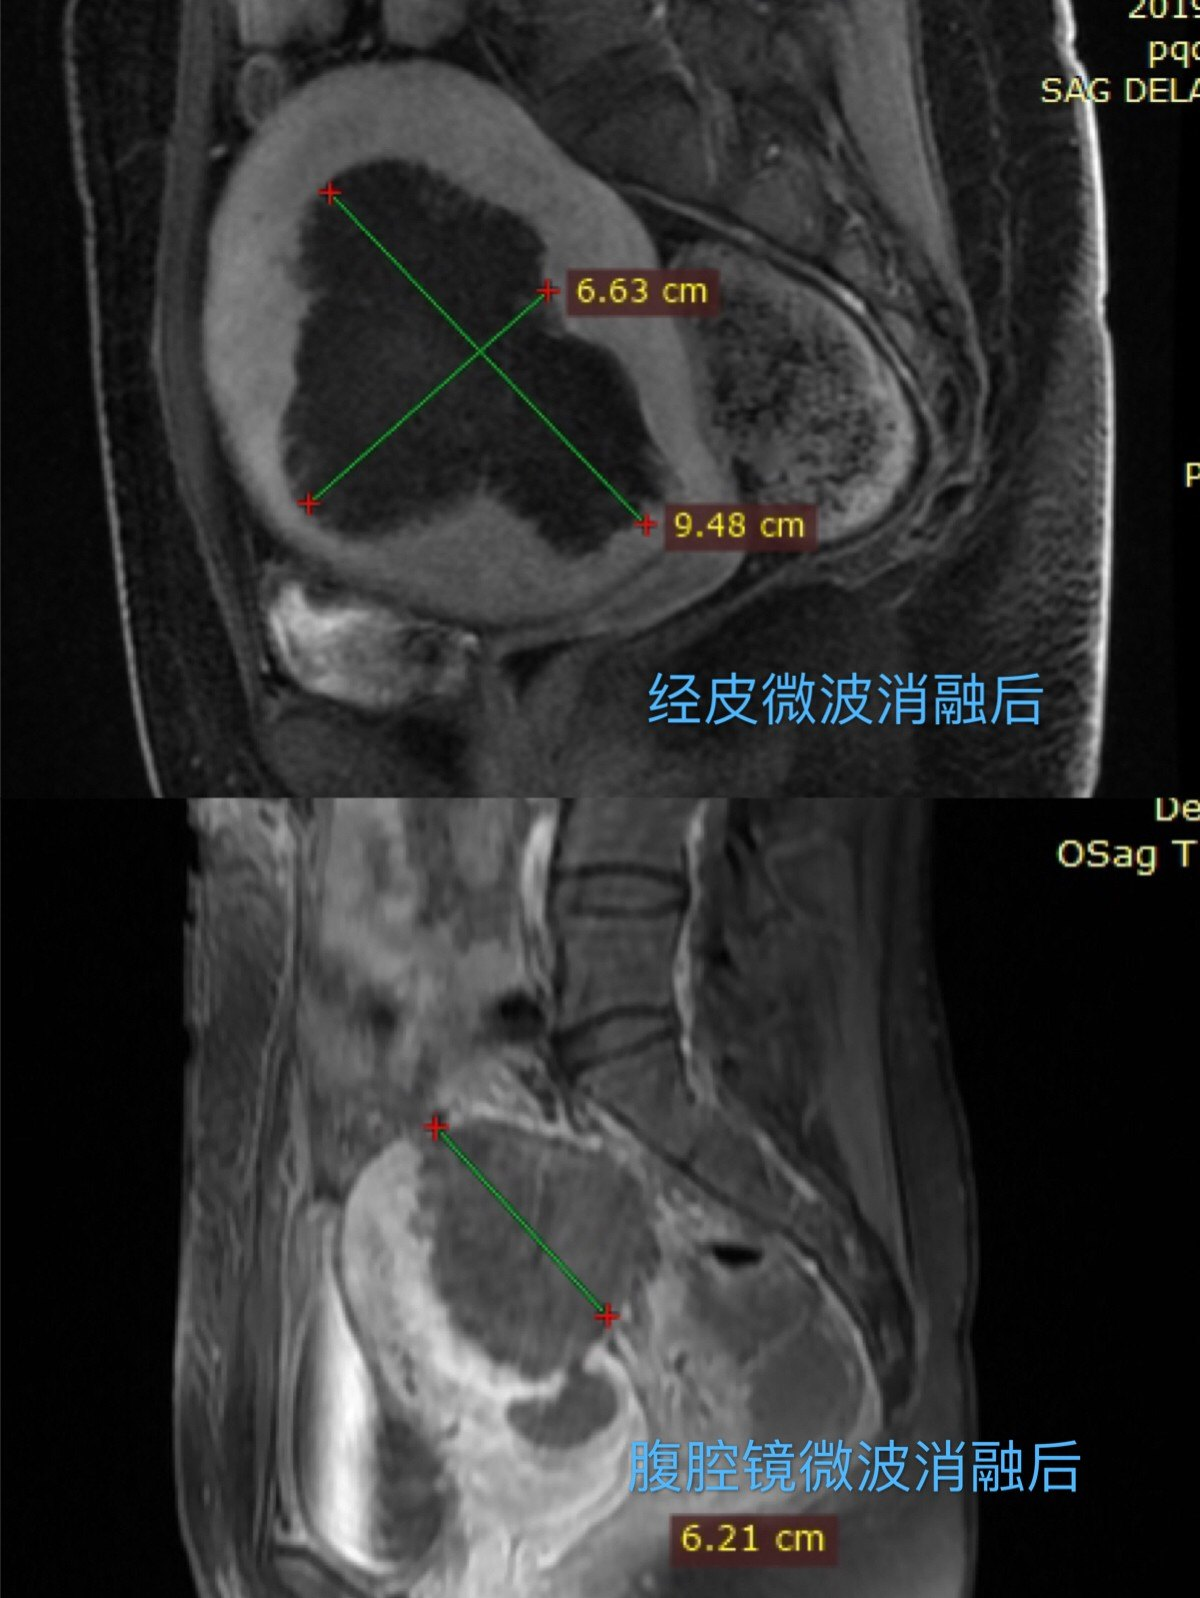 经皮消融和腹腔镜消融差异.jpg